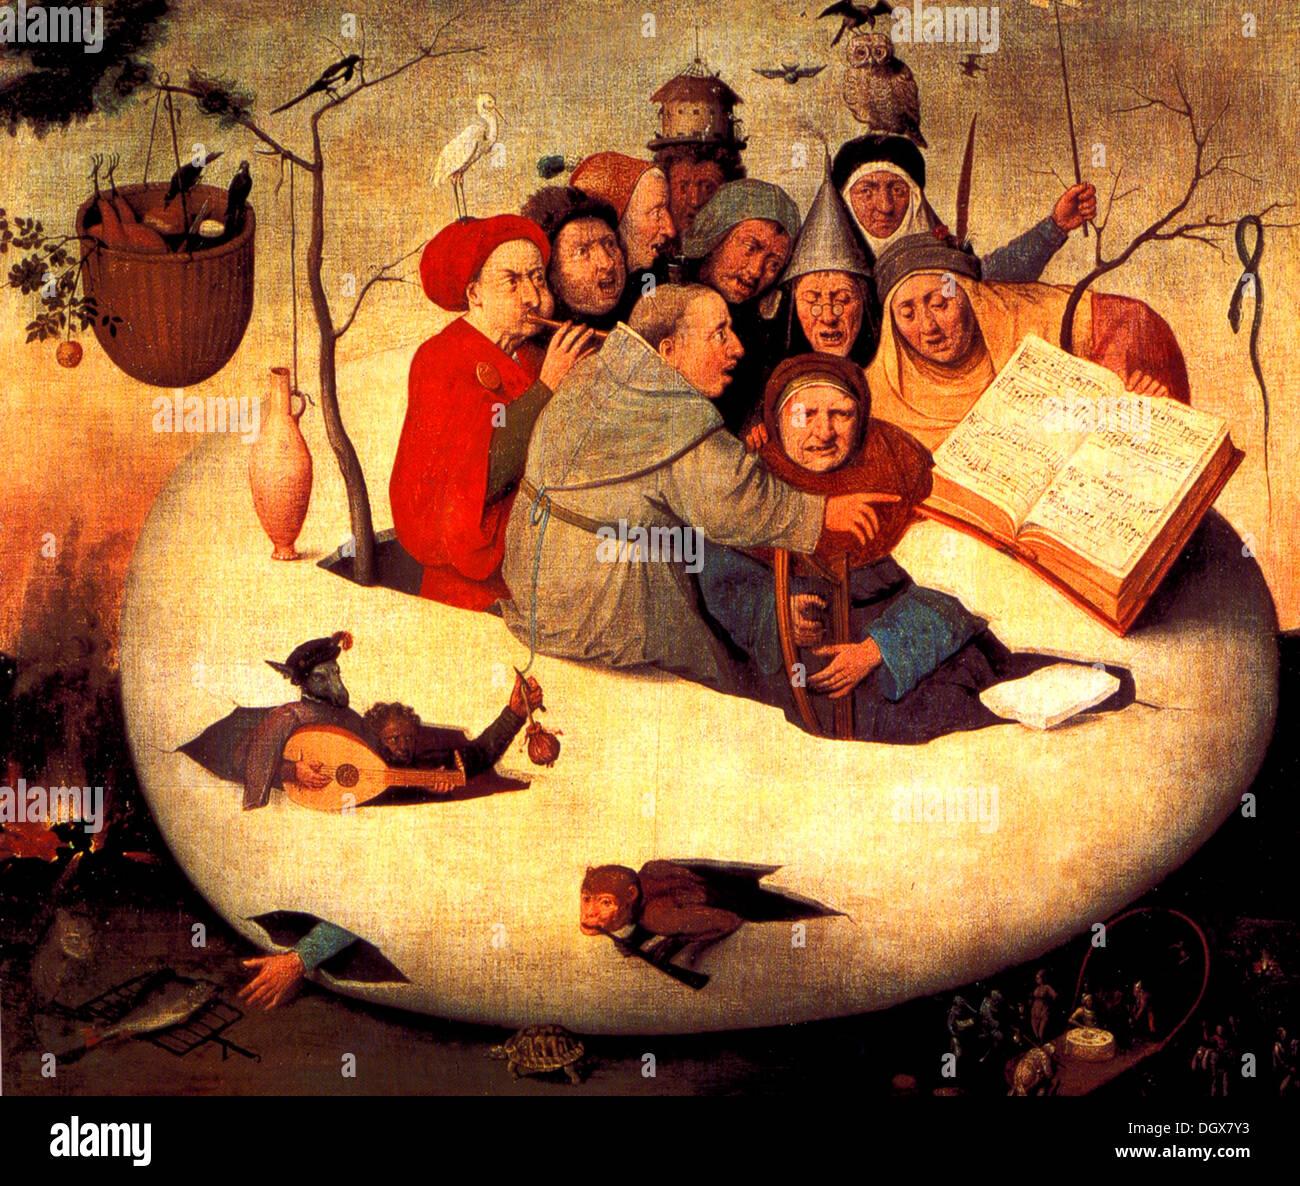 Il concerto nell'uovo - da Hieronymus Bosch, 1480 Foto Stock